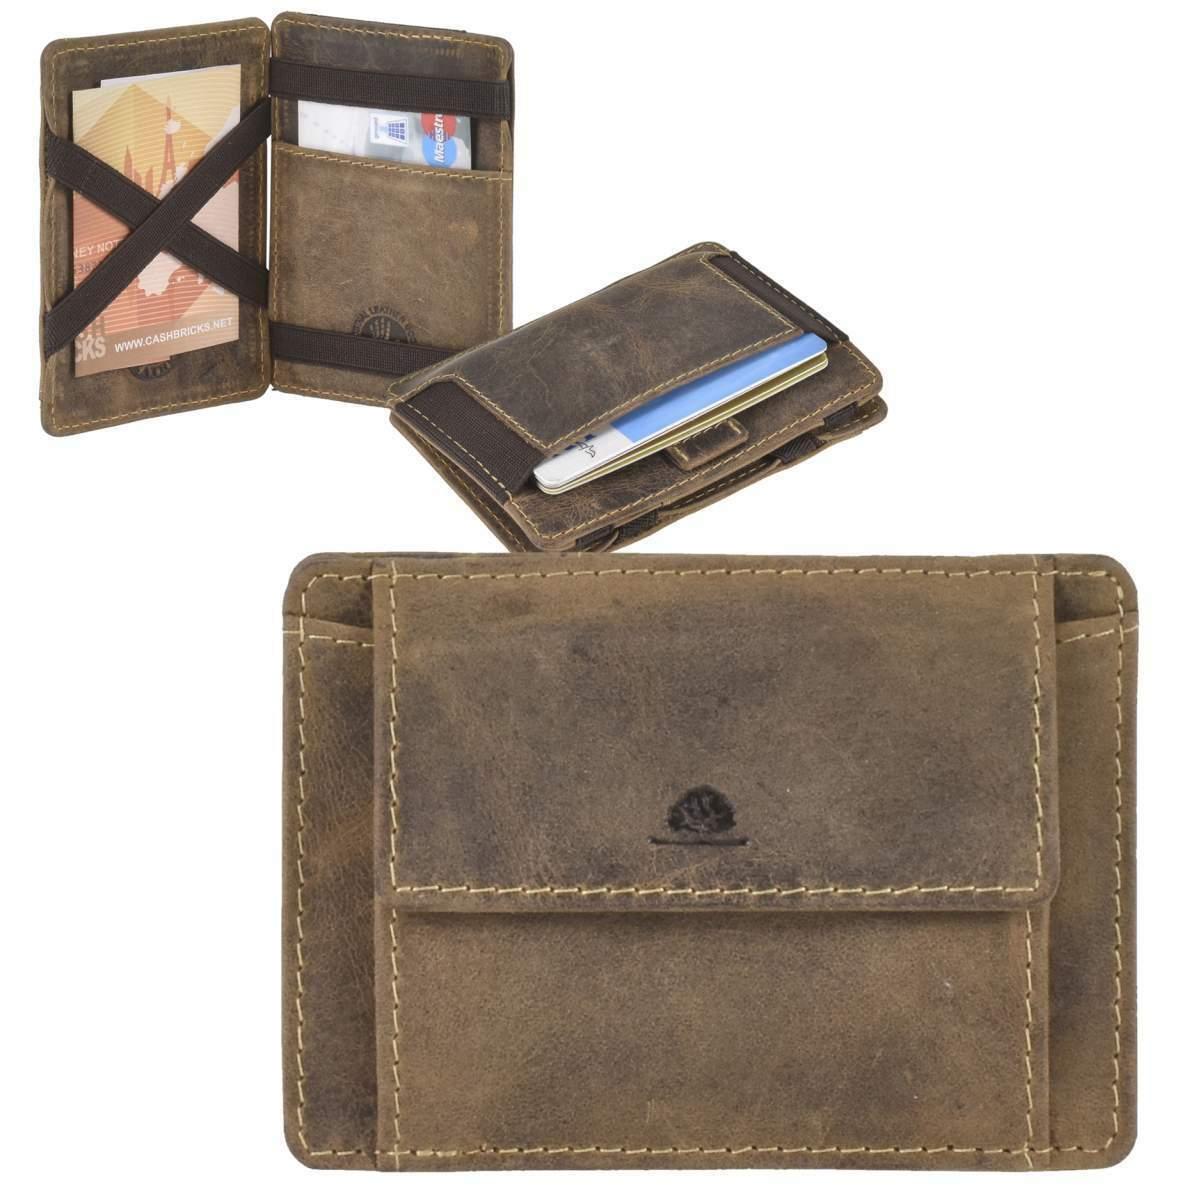 Greenburry Magic Wallet Minibörse Geldbörse Leder braun mit Münzfach 10x7cm